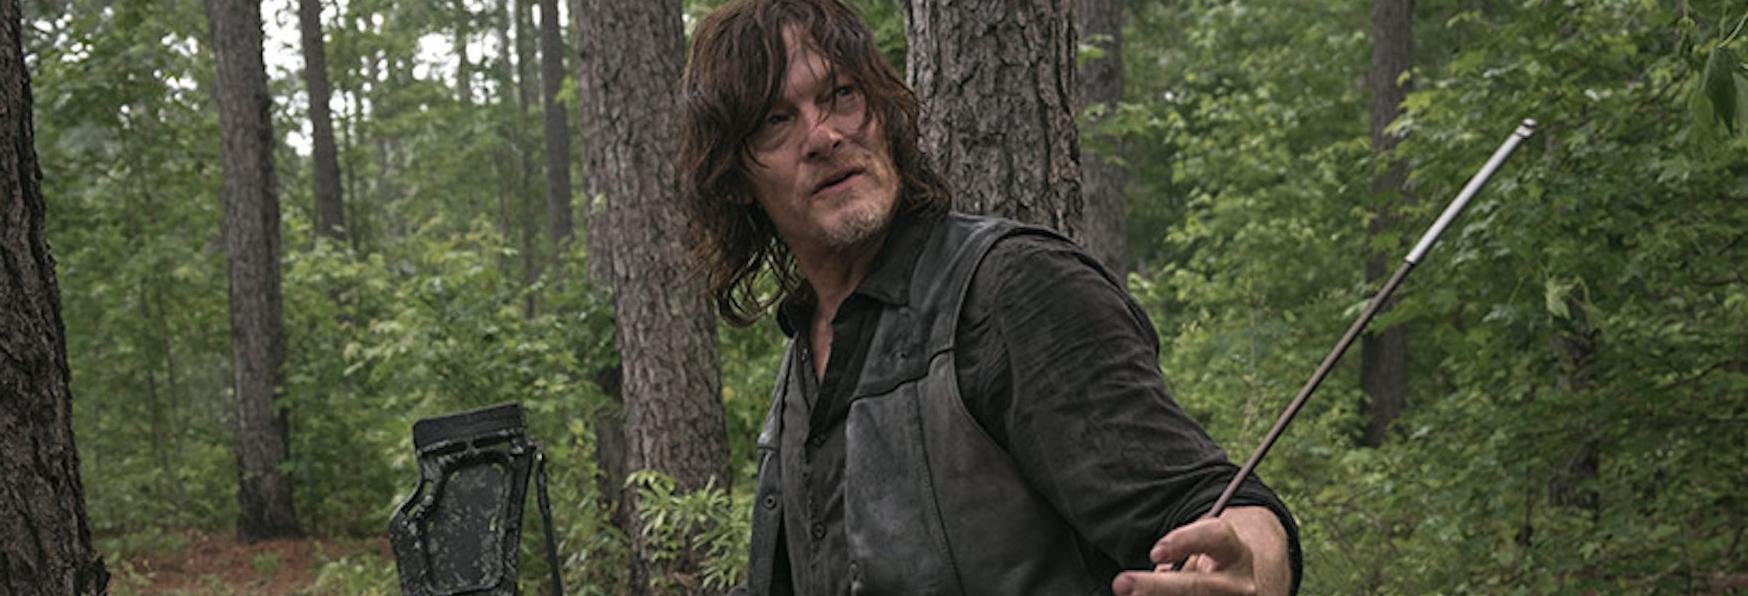 The Walking Dead: Recensione e Riflessioni sull'Episodio 10x01